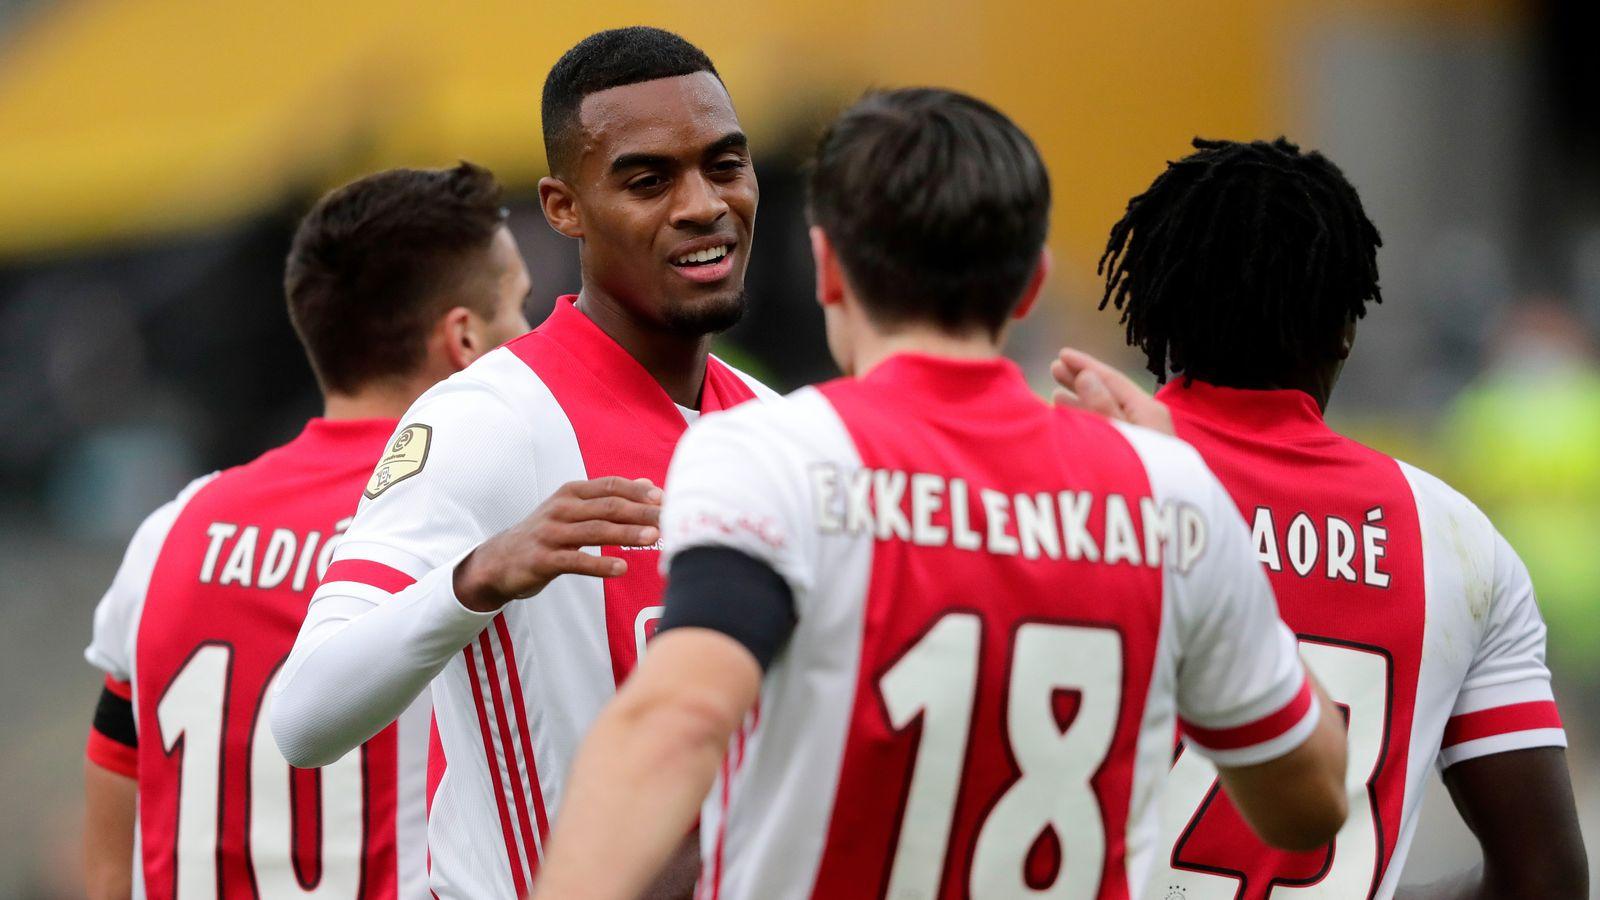 Ajax có đến 11 cầu thủ dương tính với Covid-19